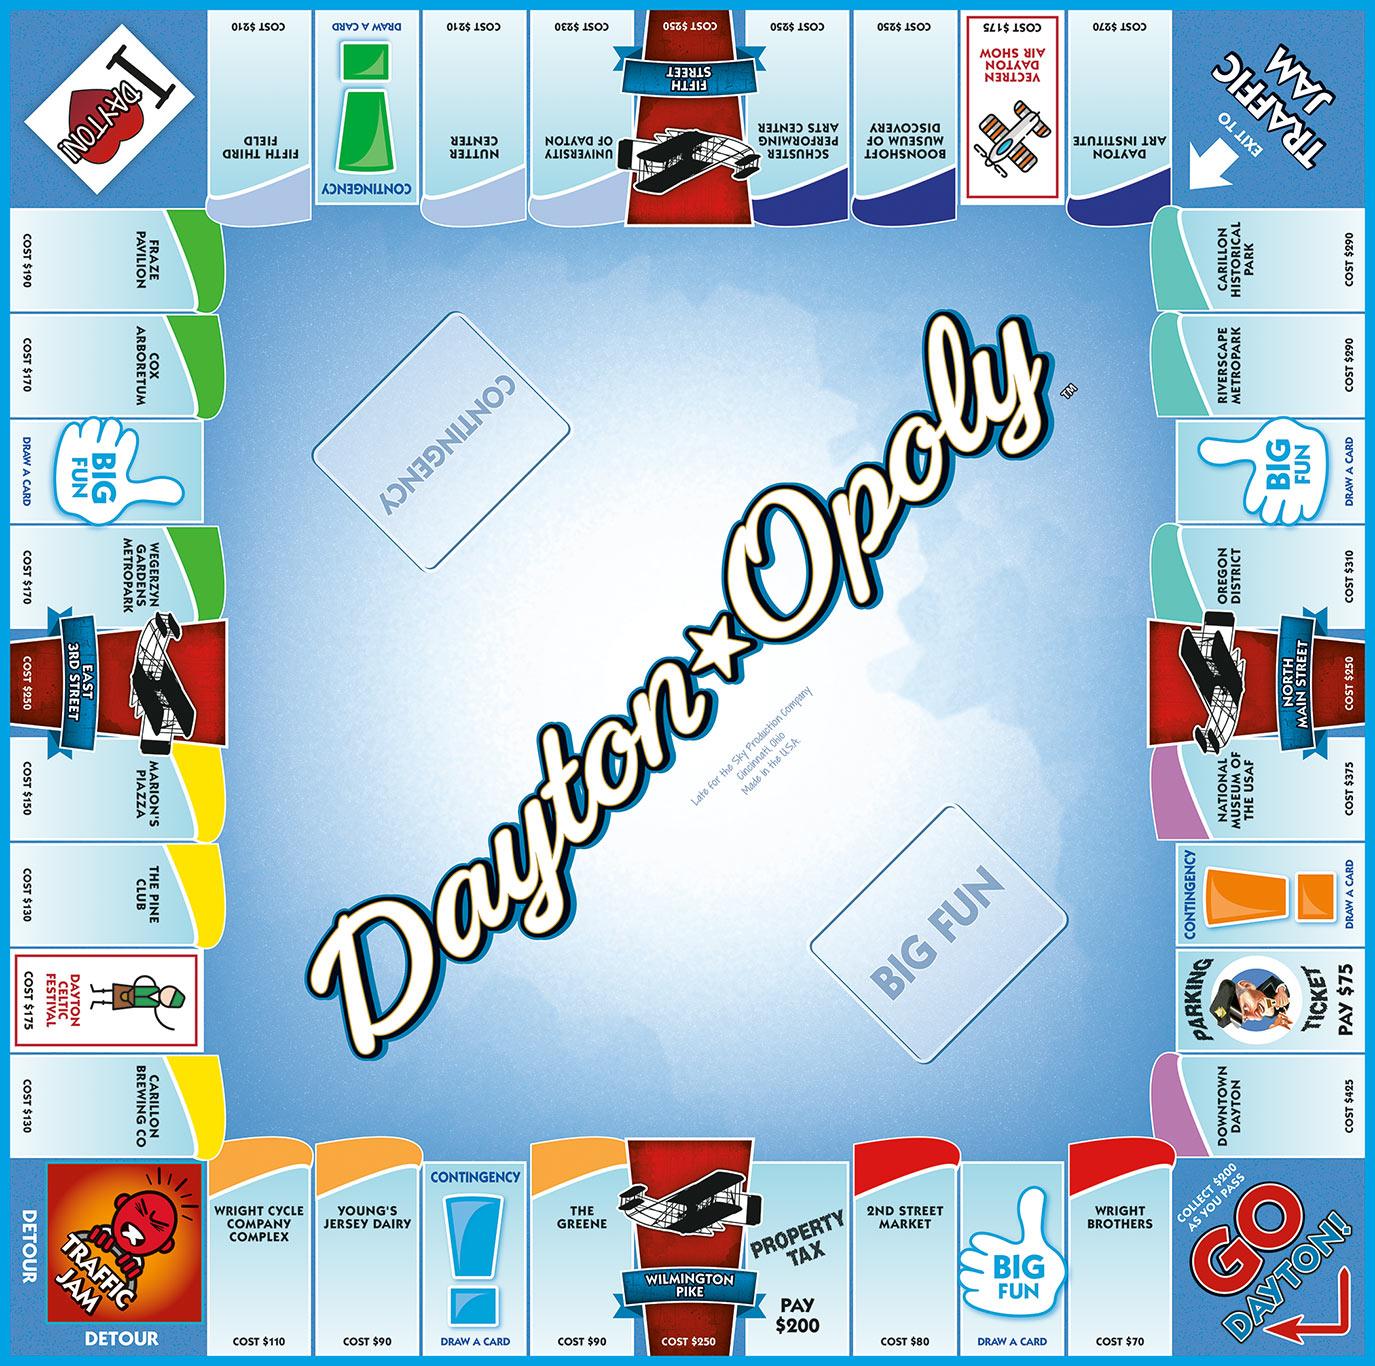 DAYTON-OPOLY Board Game